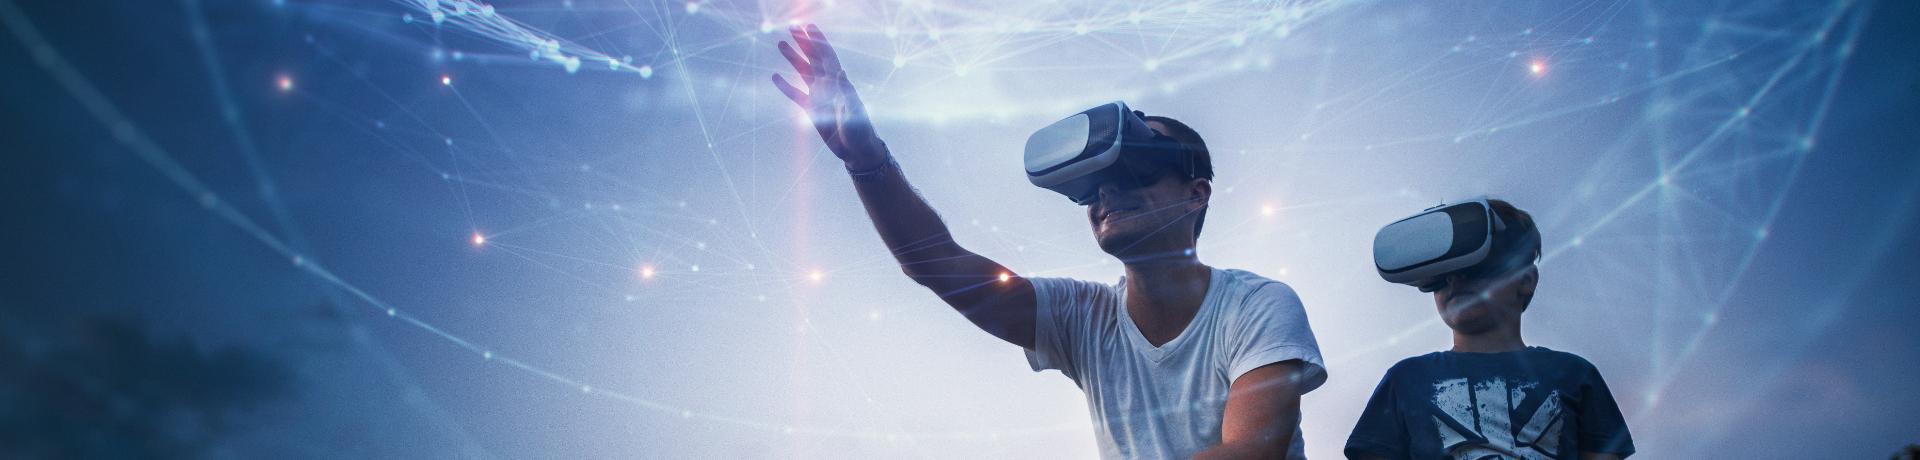 Reisen der Zukunft: Vater - Sohn - VR